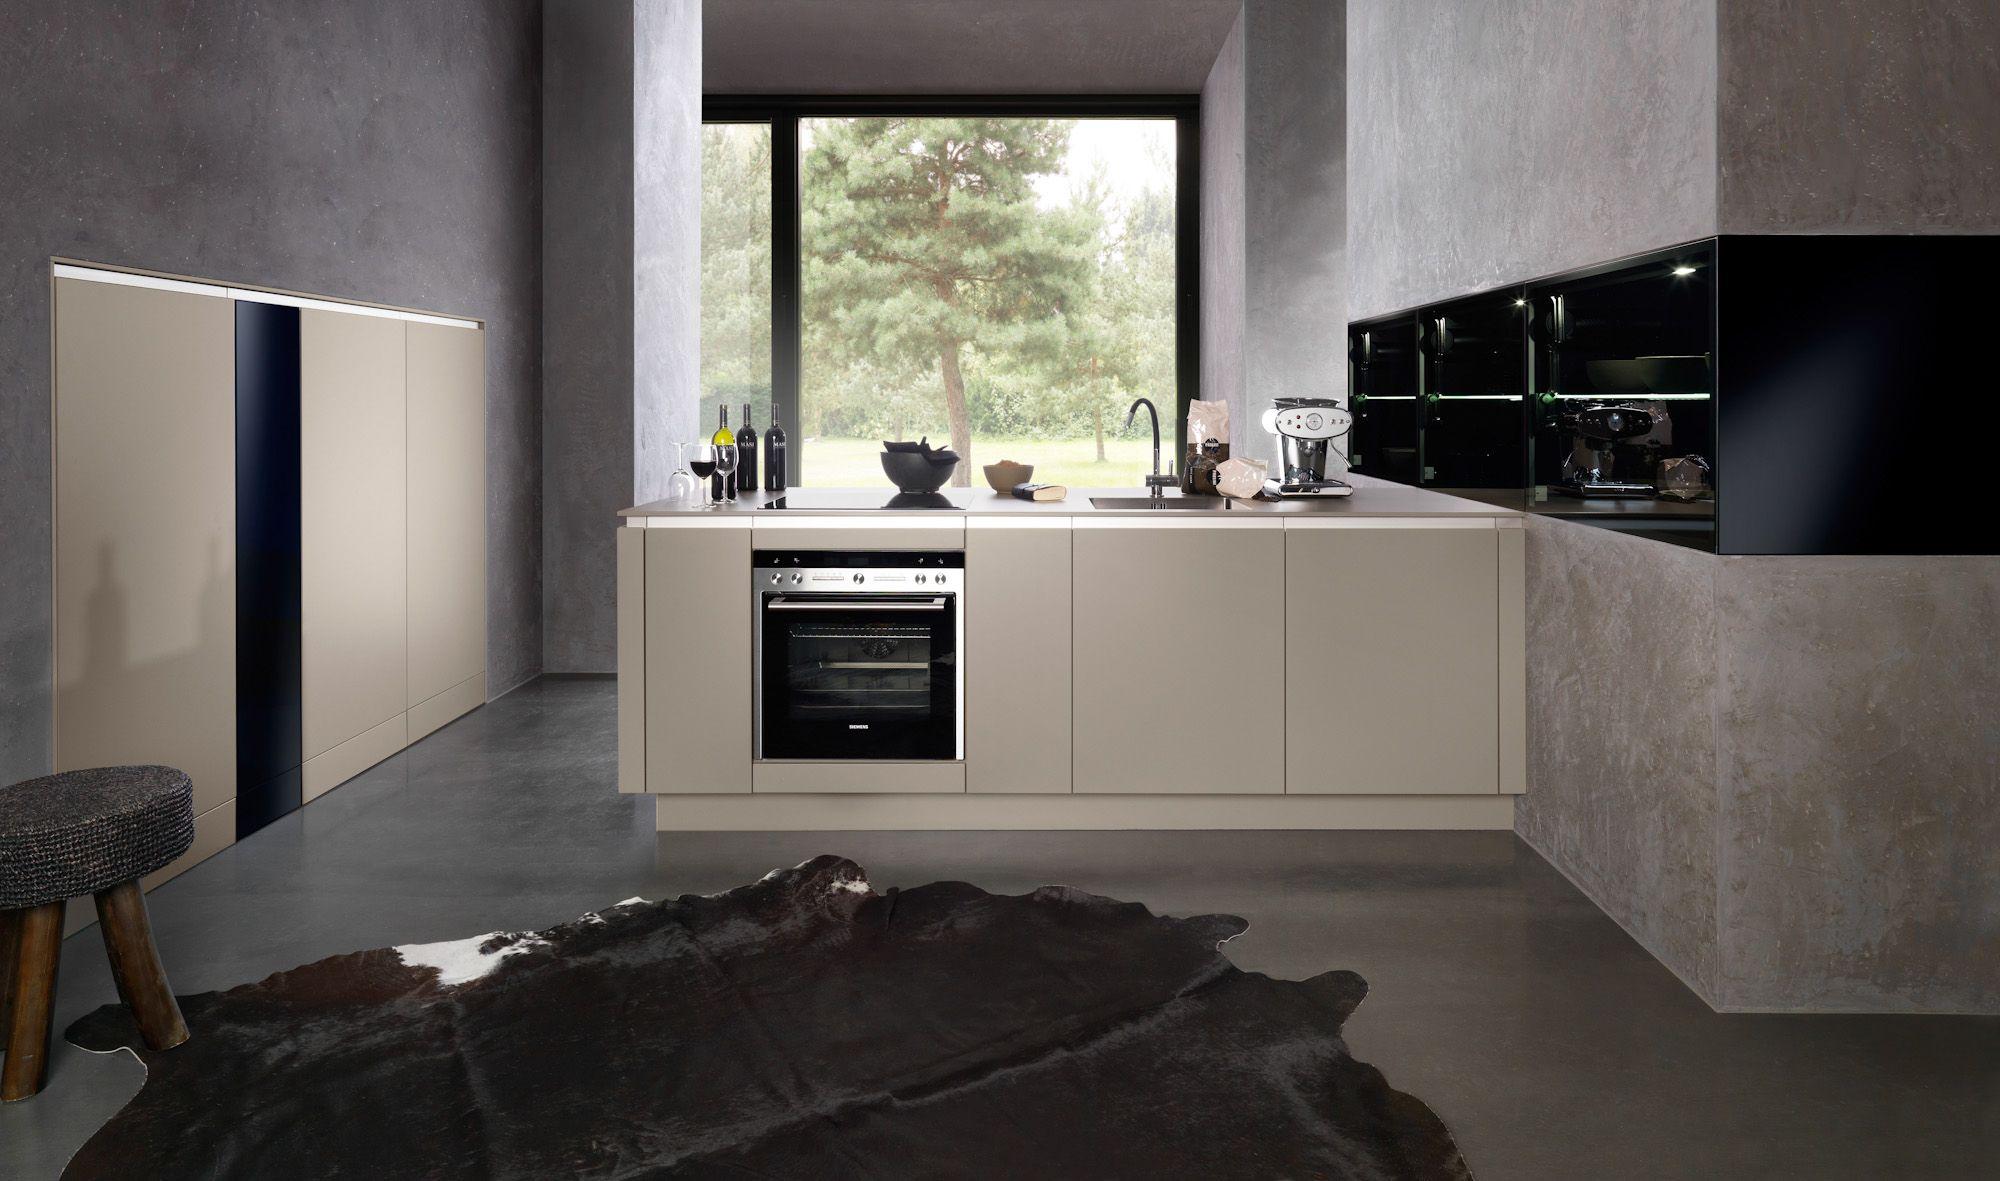 Ziemlich Küchenwand Lackfarben Uk Zeitgenössisch - Küchen Design ...